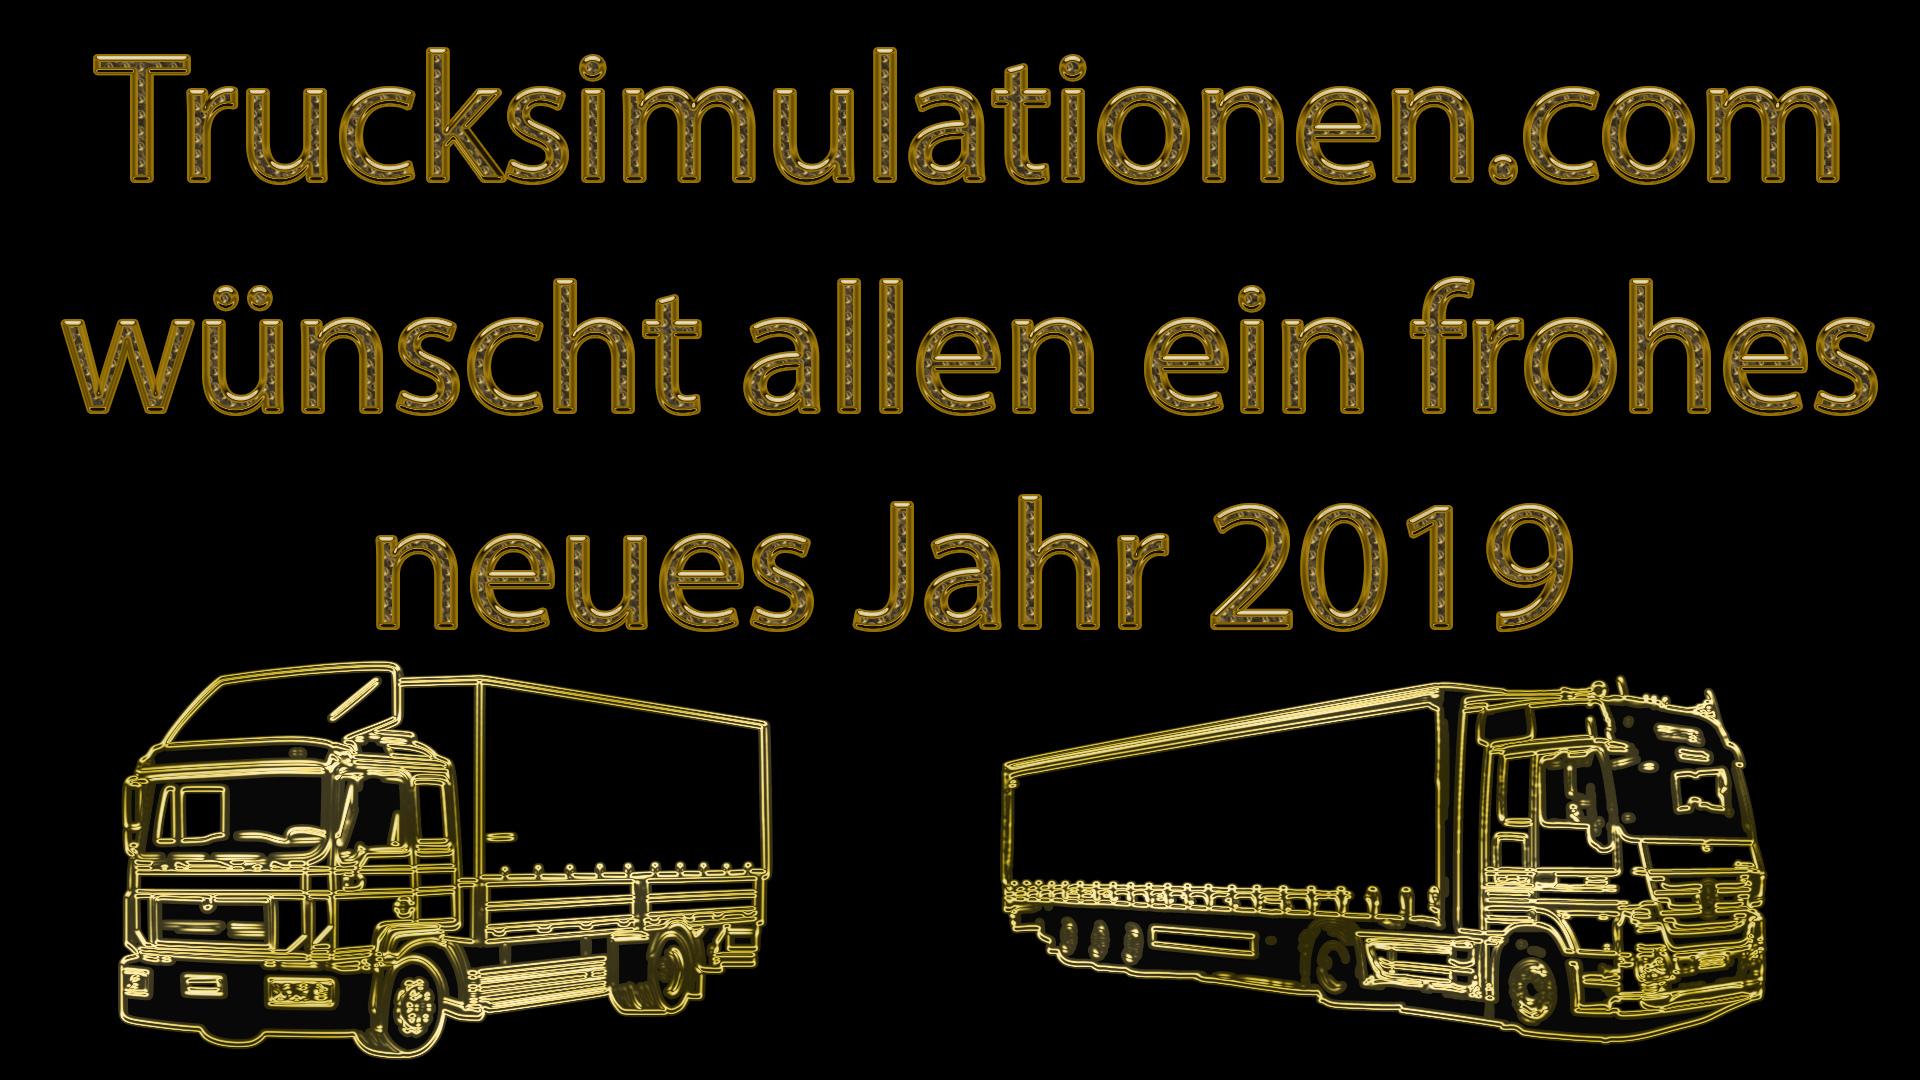 Ein neues Jahr ein neues Glück  :-) Frohes10